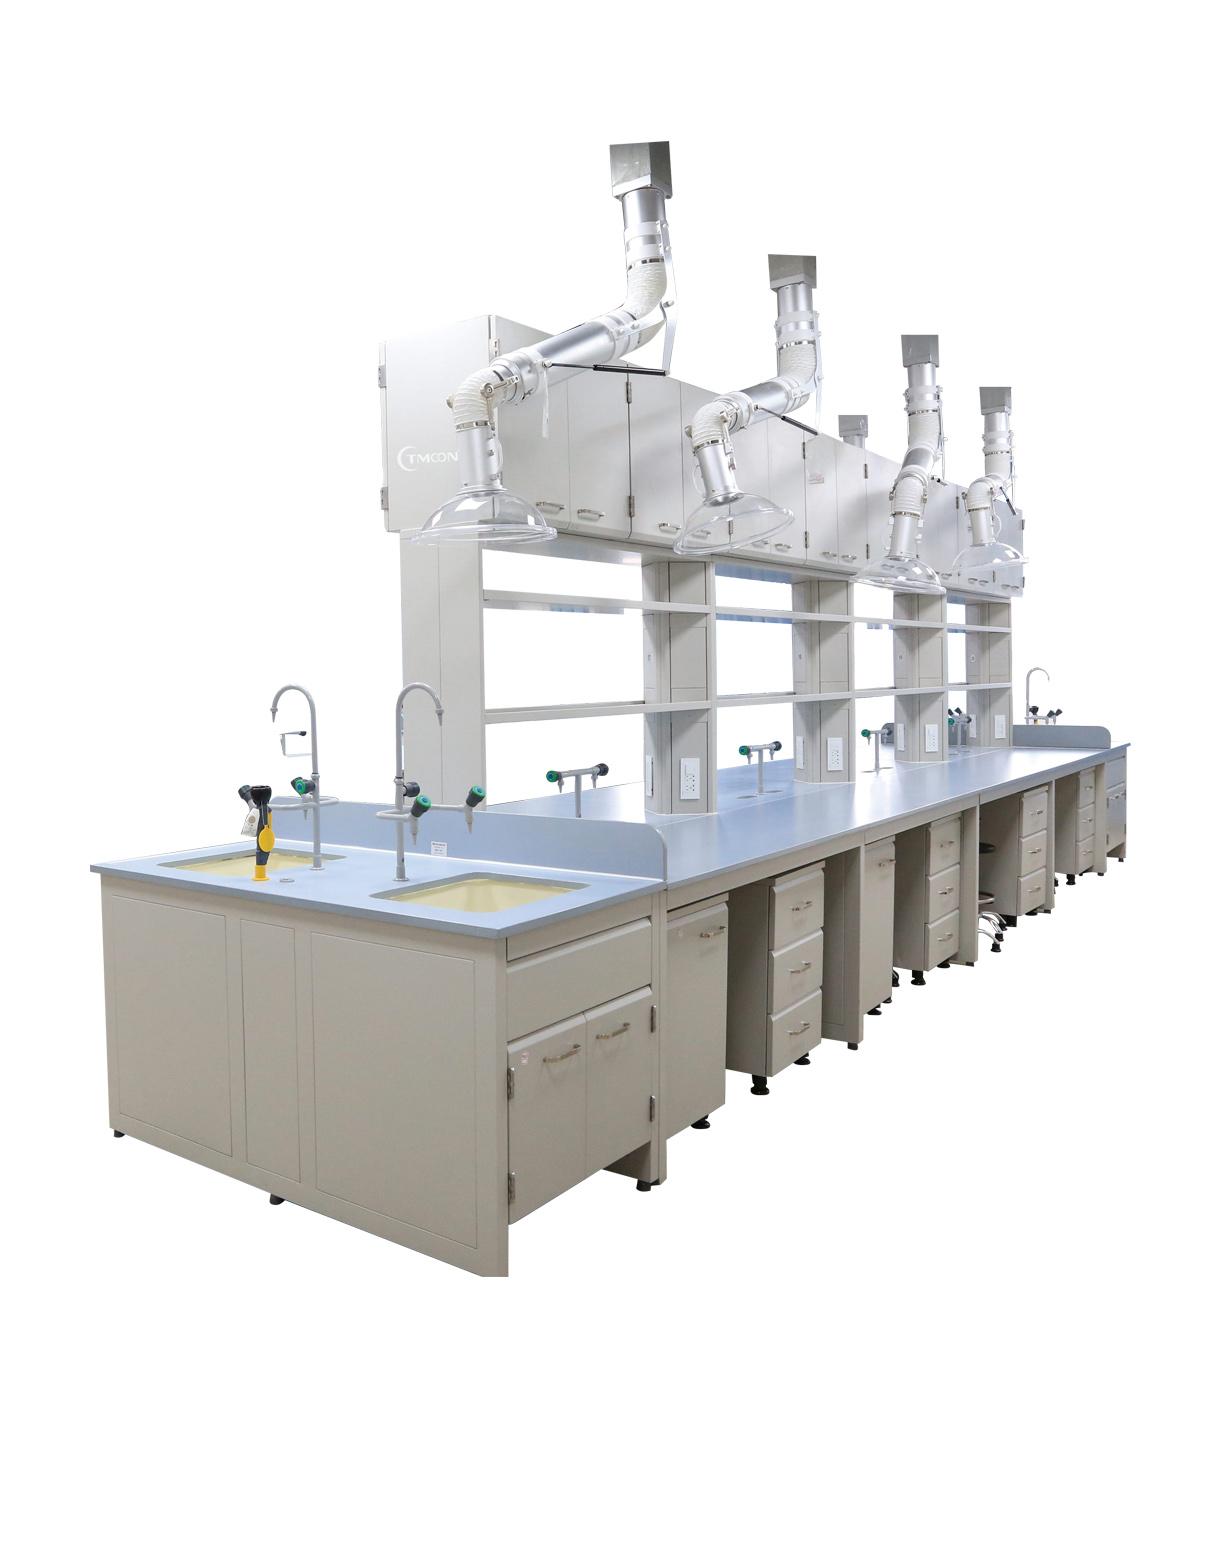 你应该知道的关于实验室的保养和维护